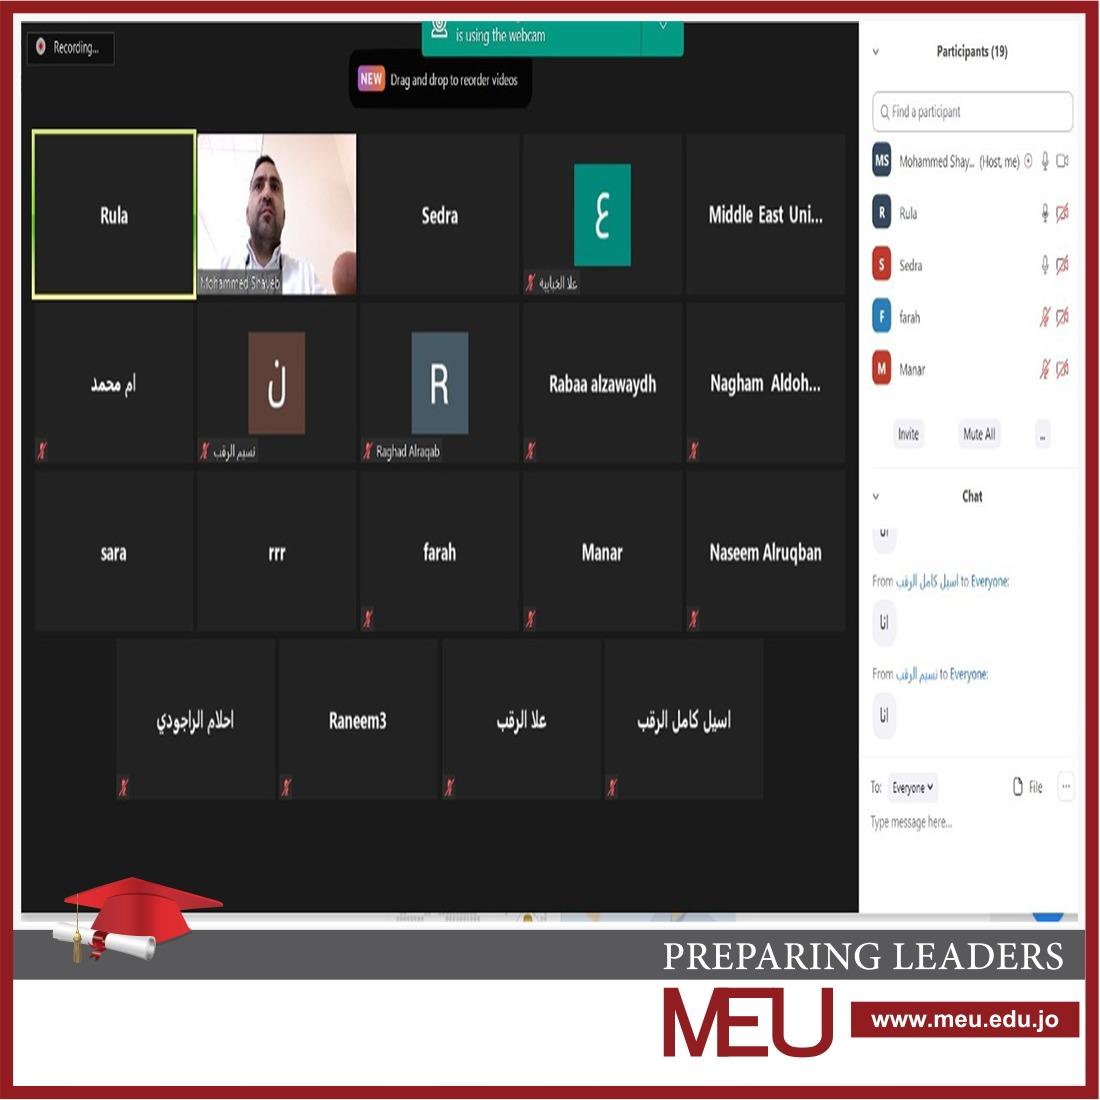 جامعة الشرق الأوسط MEU تساعد طلاب الثانوية العامة في اختيار التخصصات الجامعية المطلوبة لسوق العمل